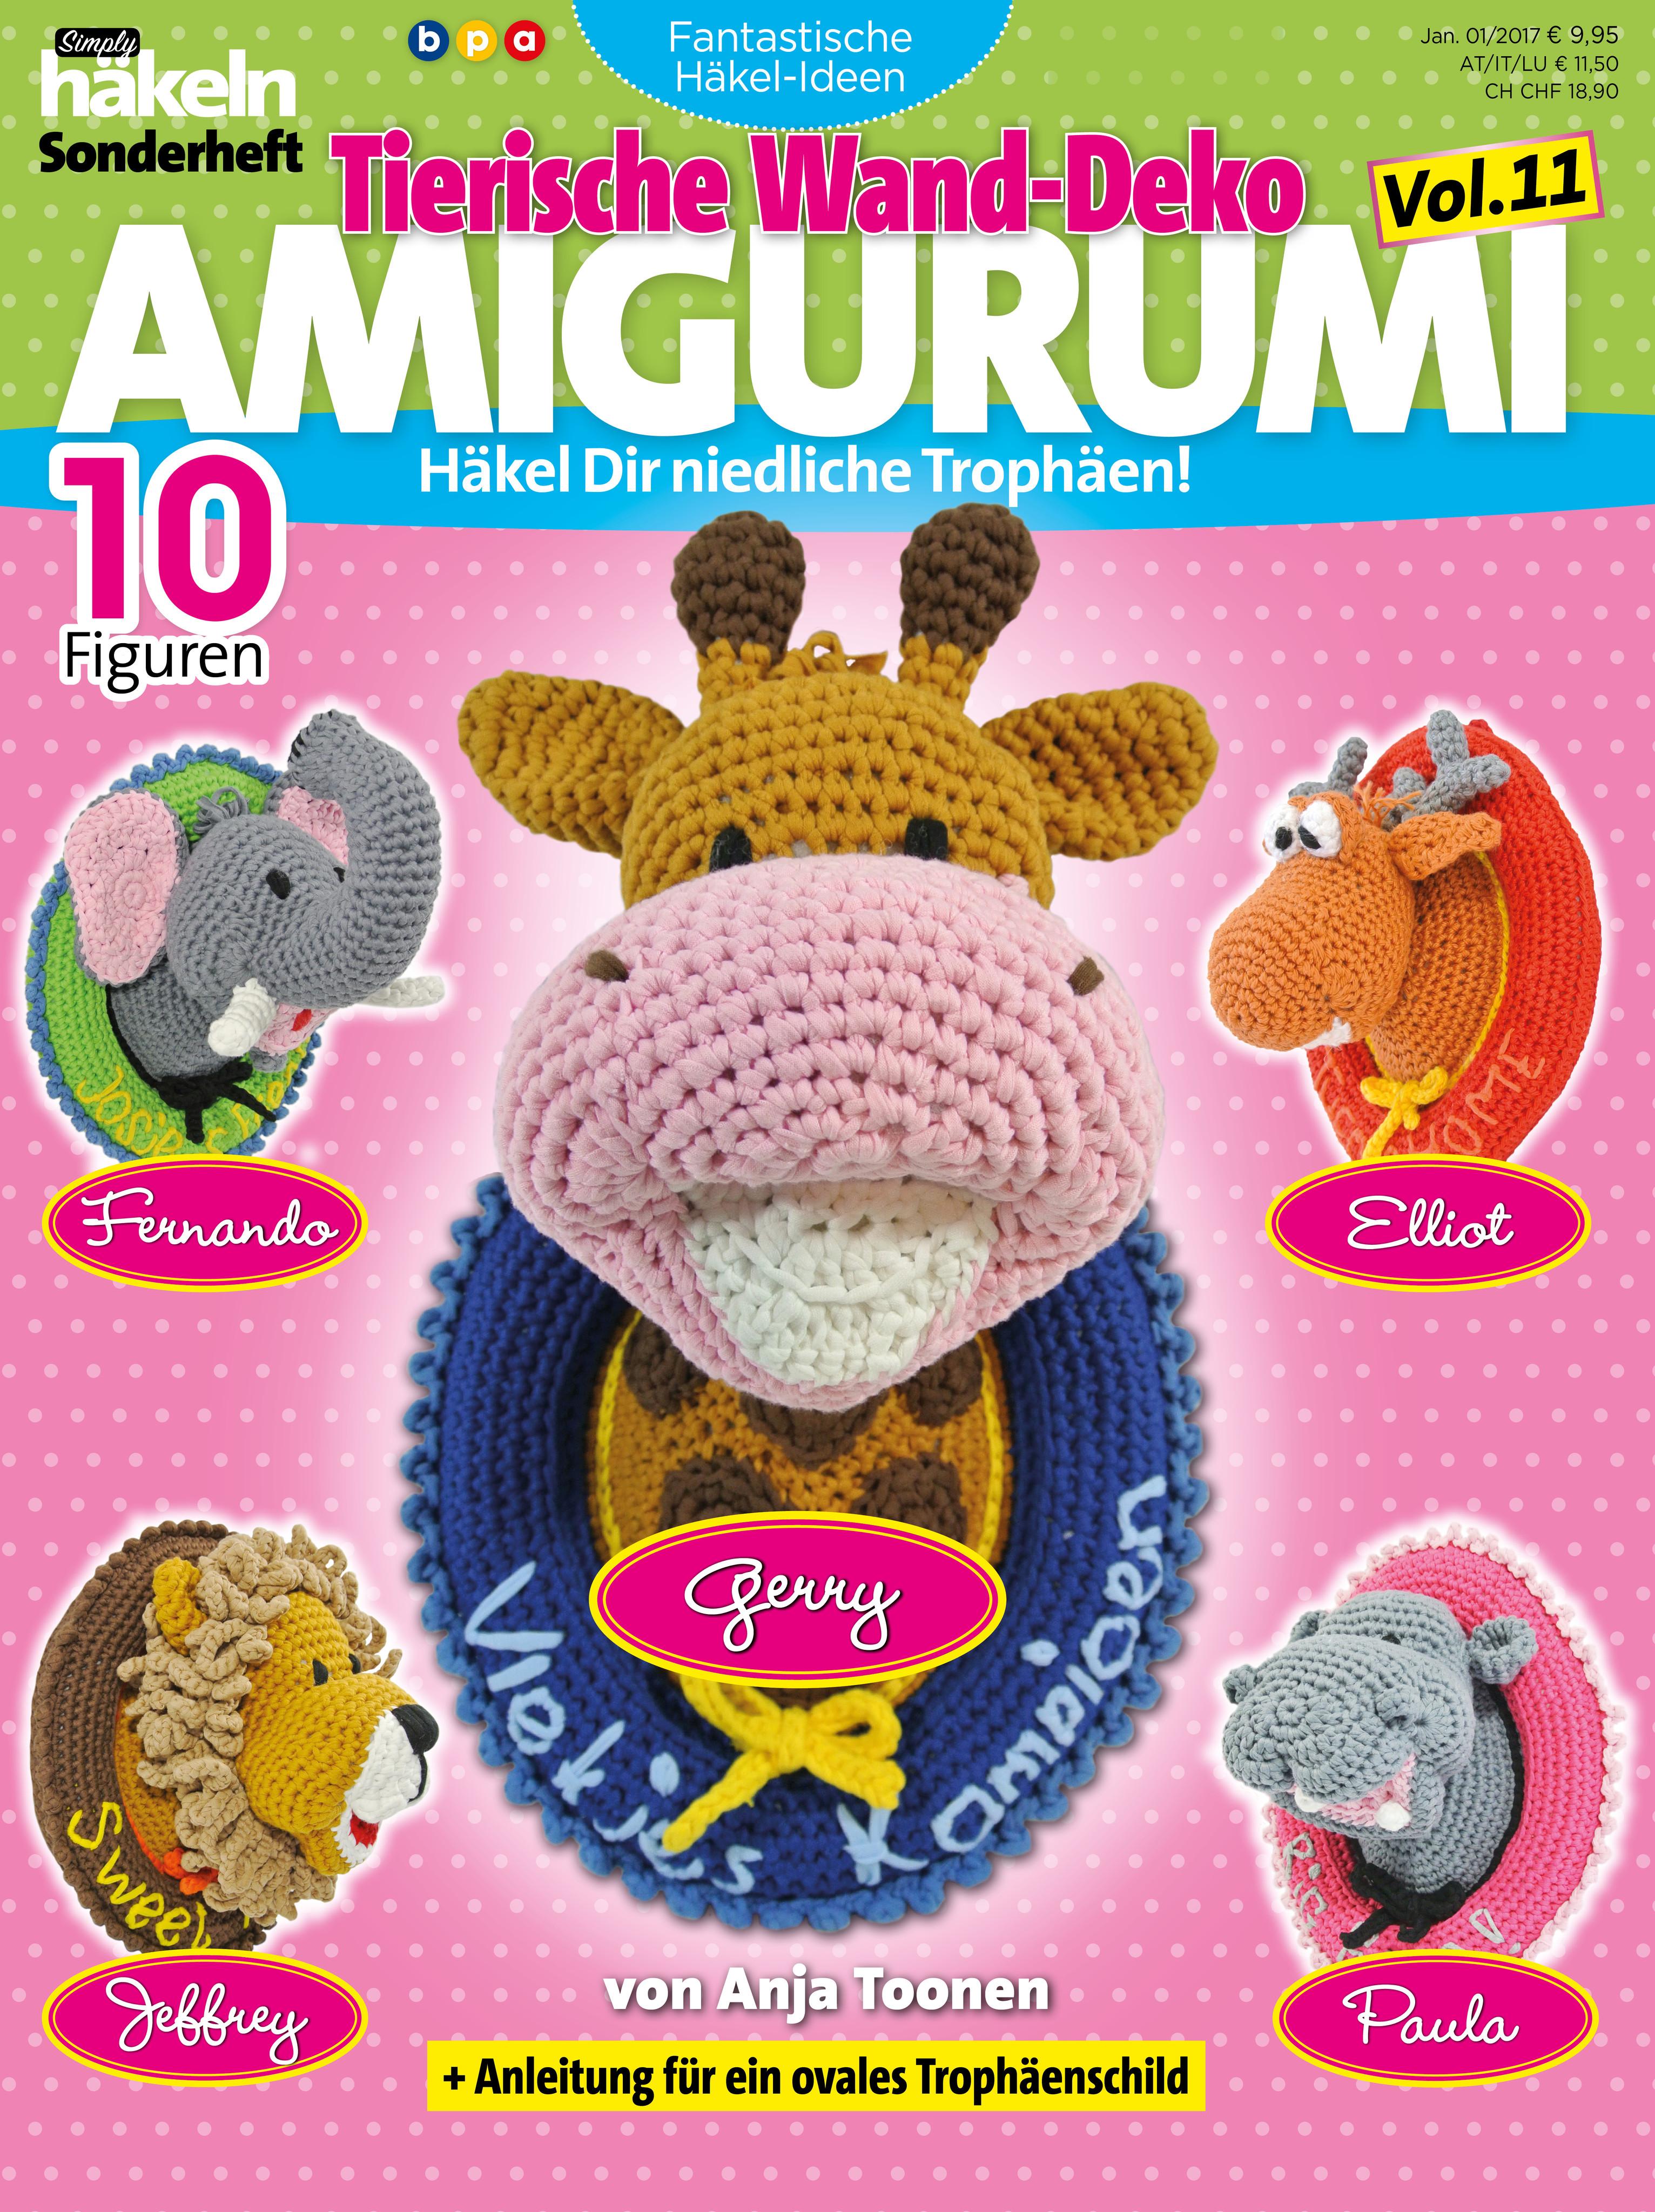 Simply Häkeln Fantastische Häkel Ideen Tierische Wanddeko Amigurum